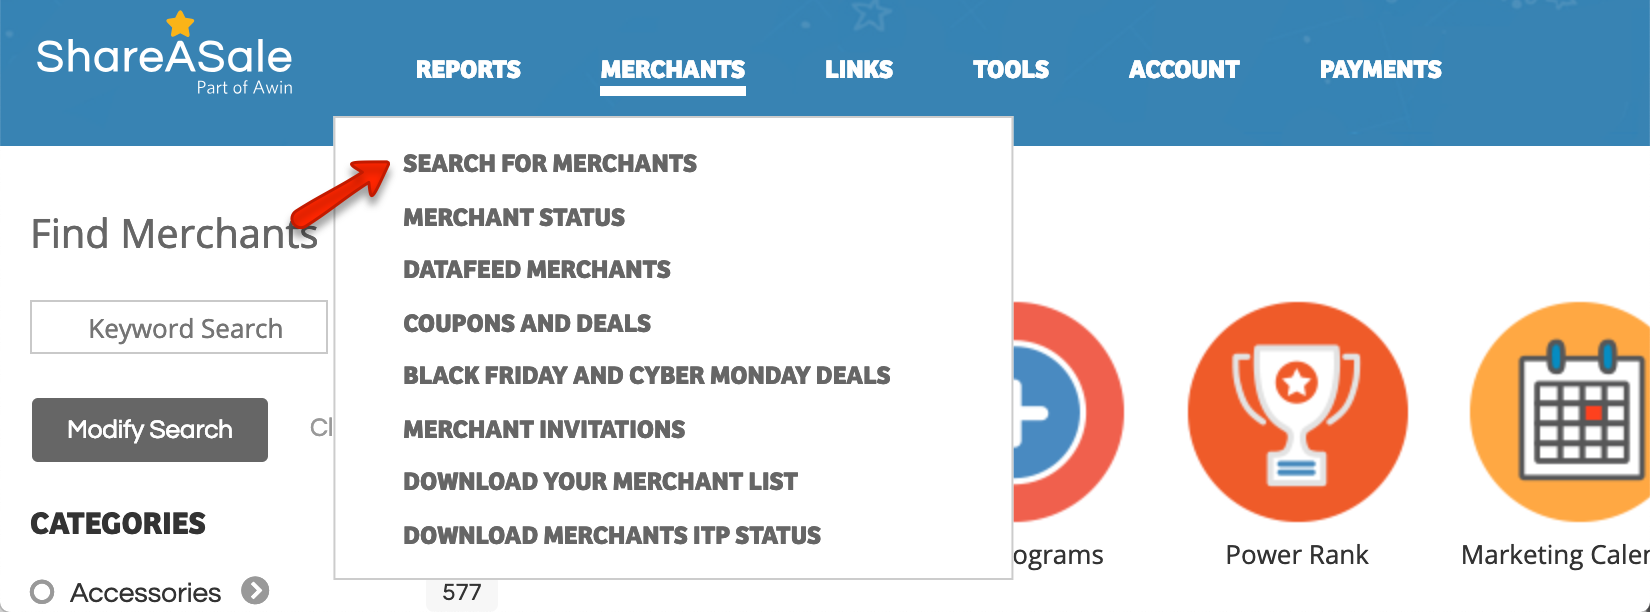 Come trovare un prodotto in Shareasale da promuovere sul tuo blog